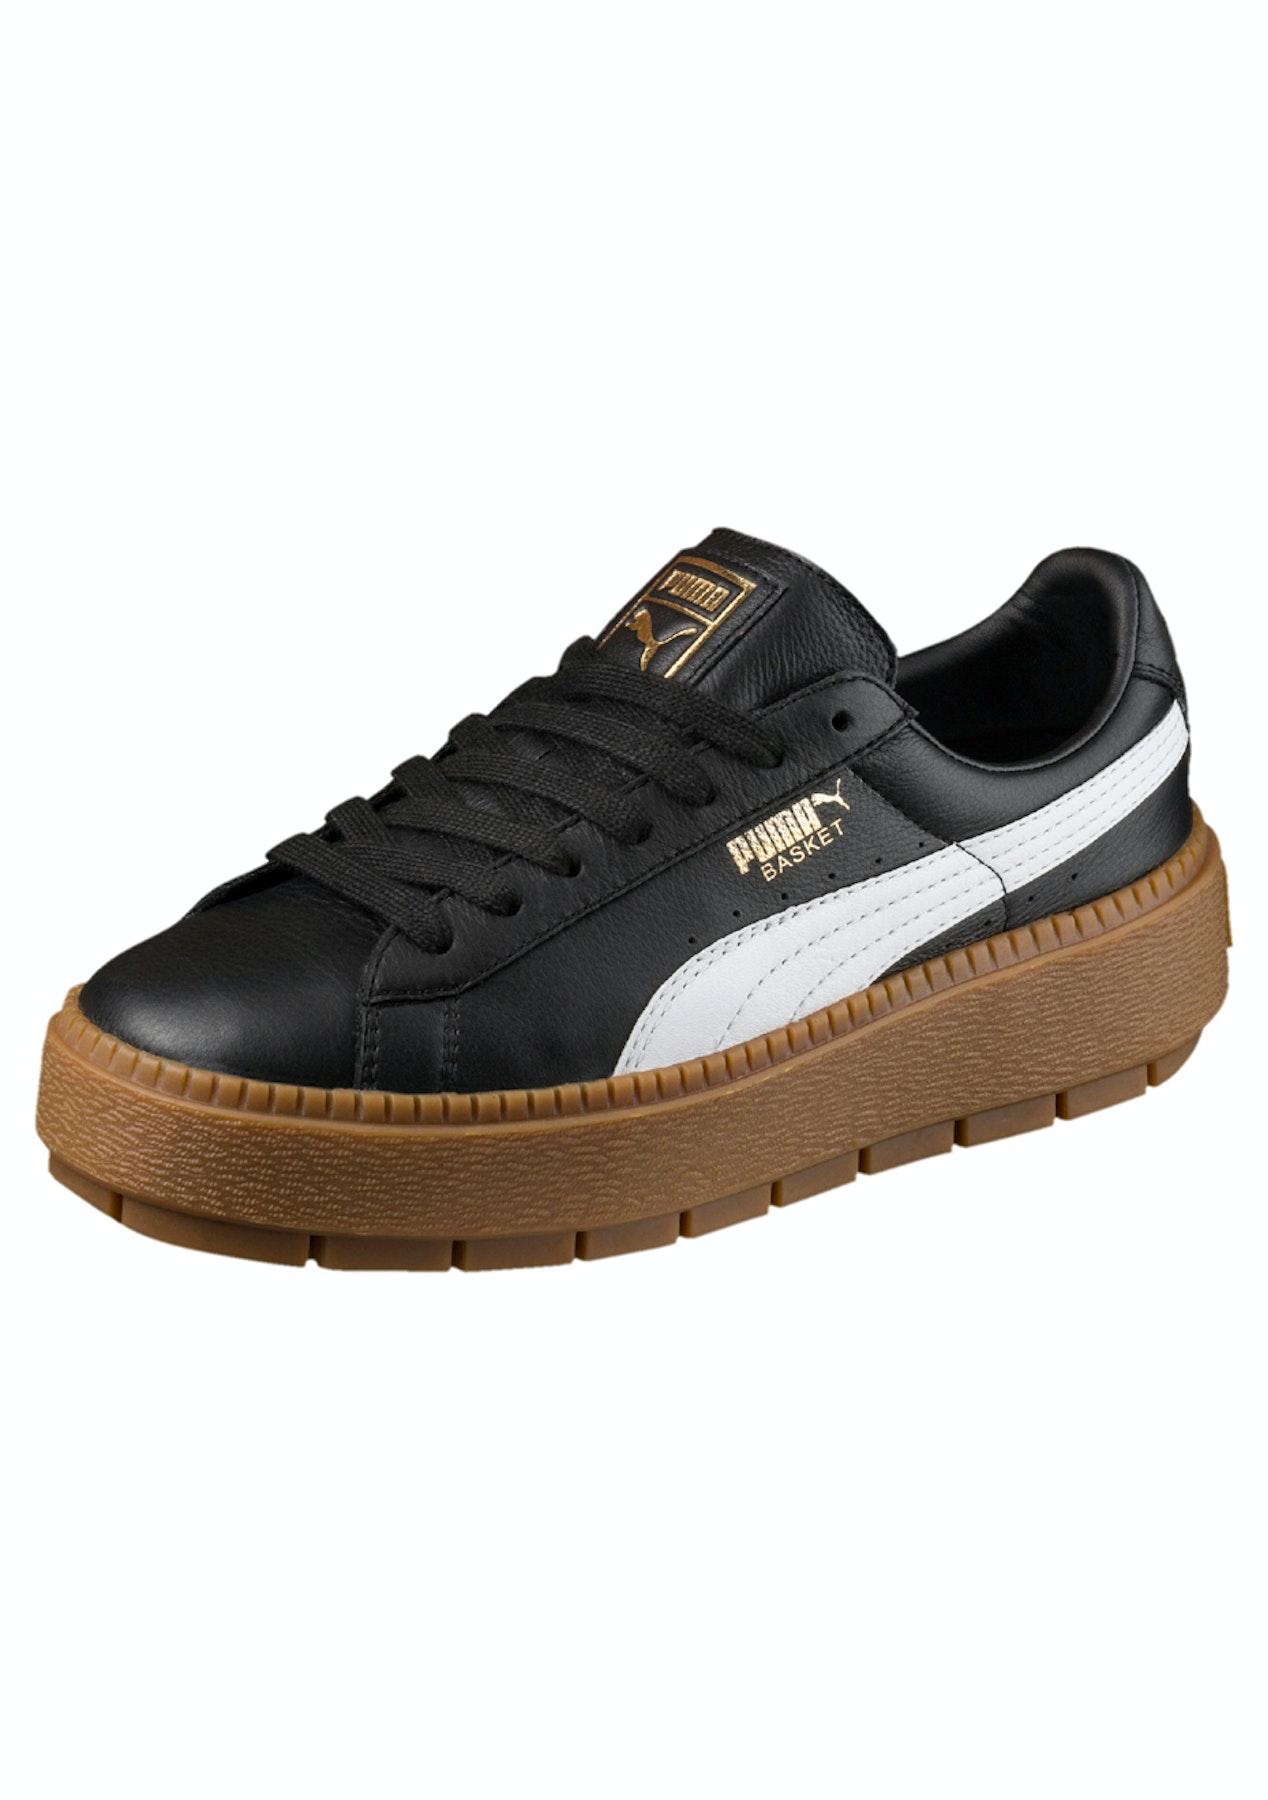 ea026d0d2d9 Puma Womens - Basket Platform Trace - Black - White - Street Shoes + Slides  - Onceit